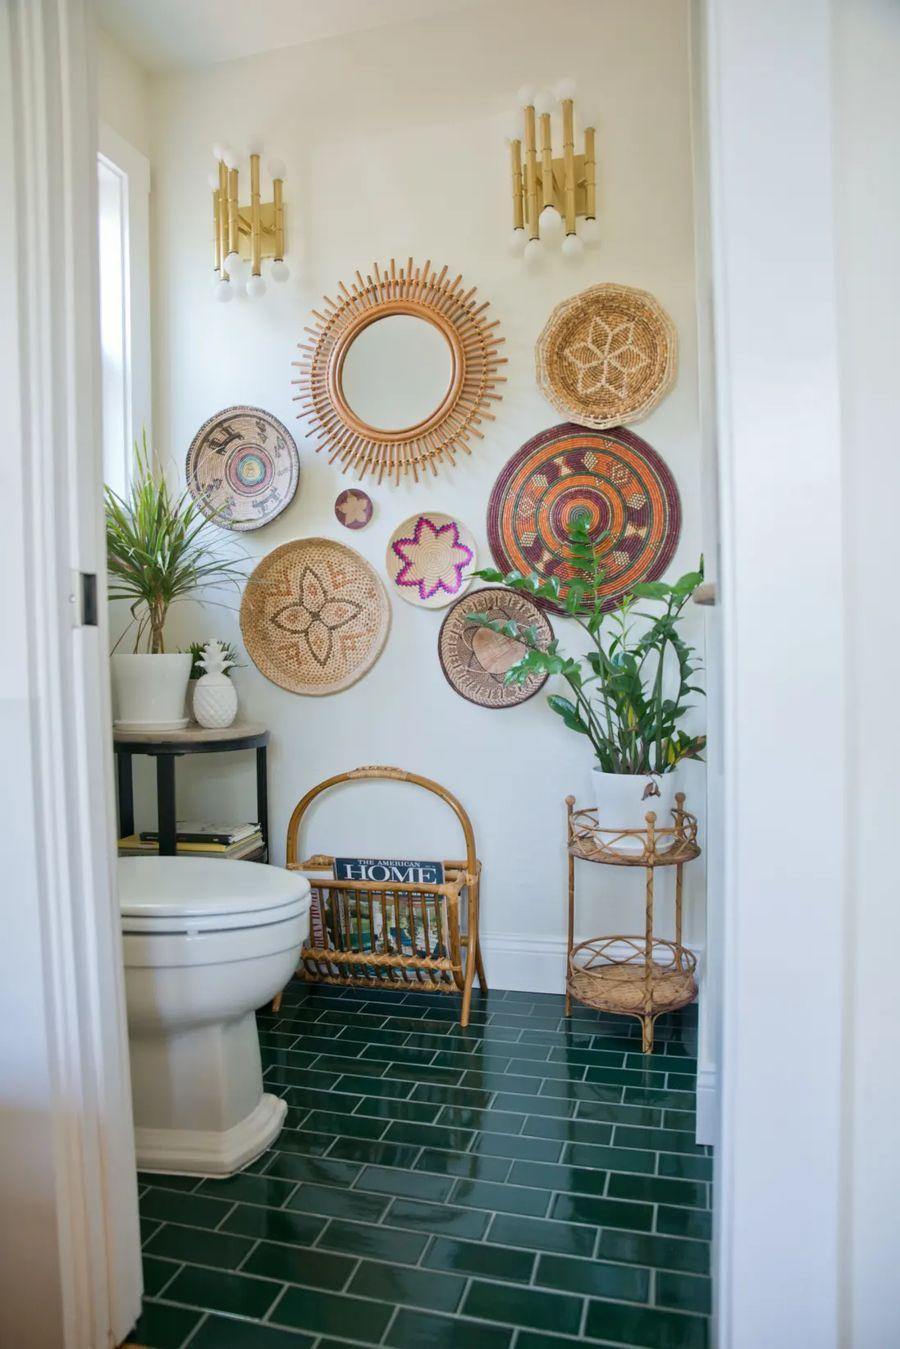 20 Bohemian Bathroom Decor Ideas & Trends